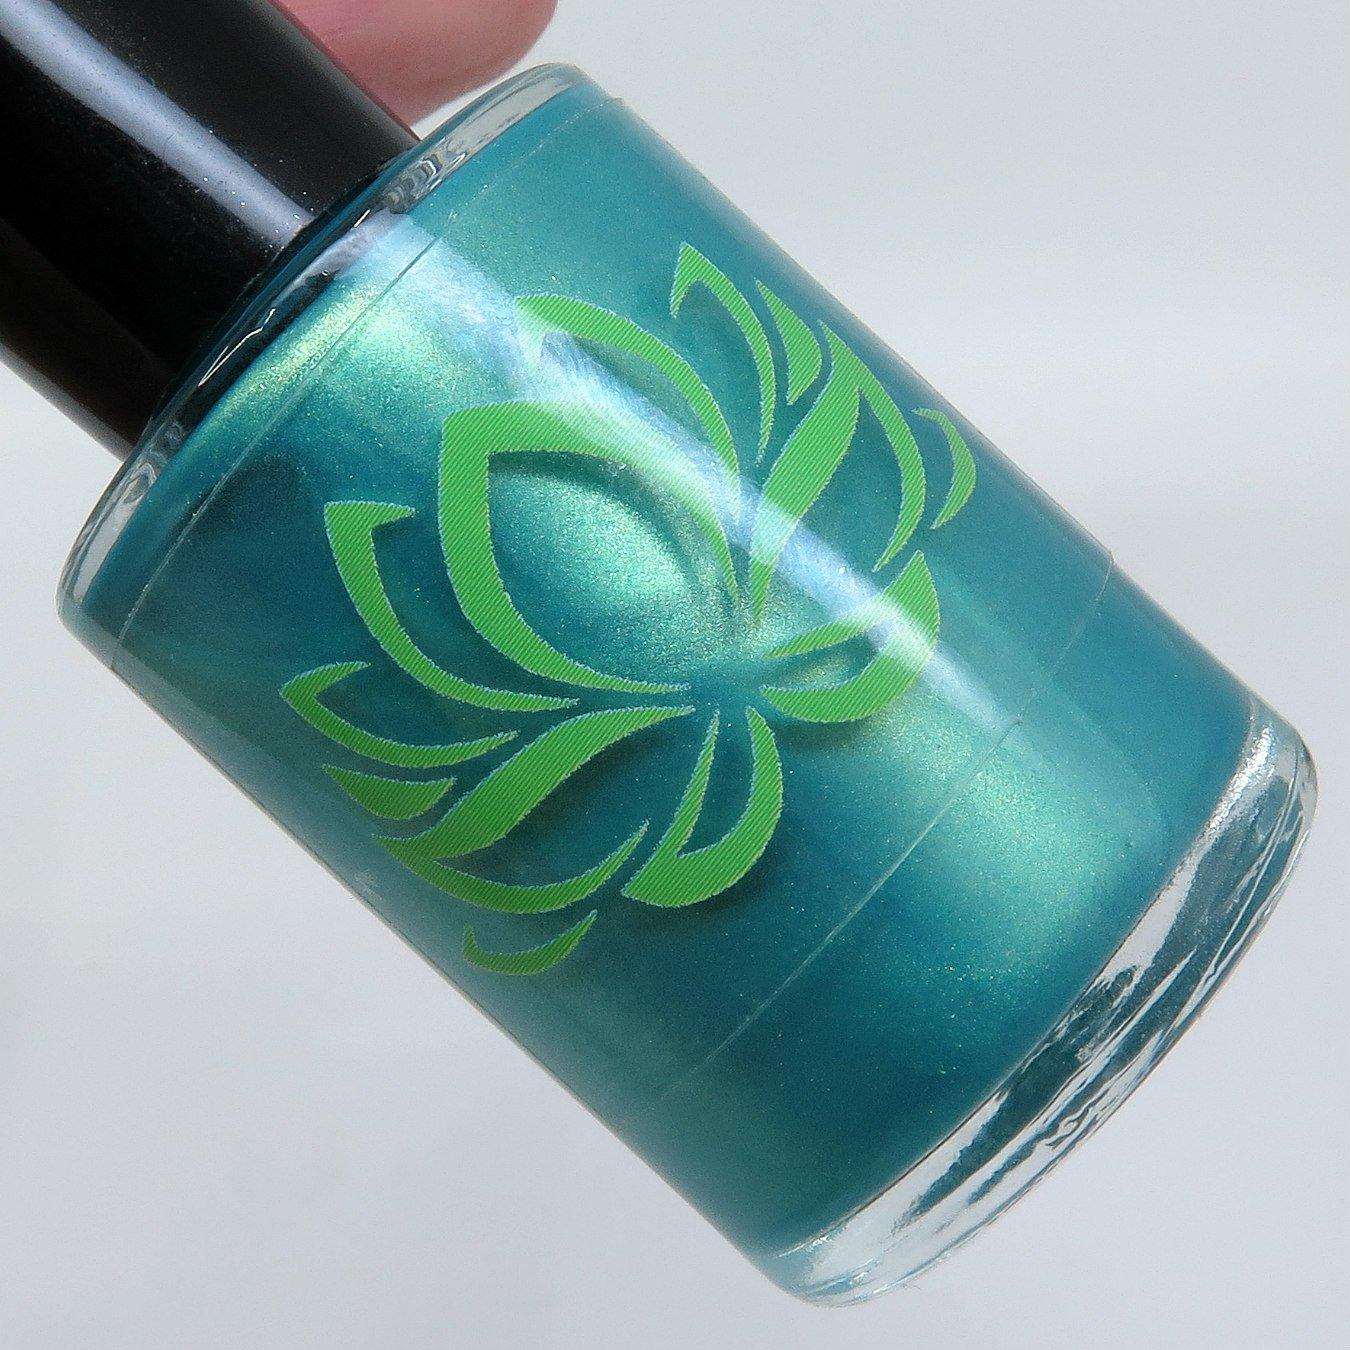 Image of Jade Dragon Nail Polish